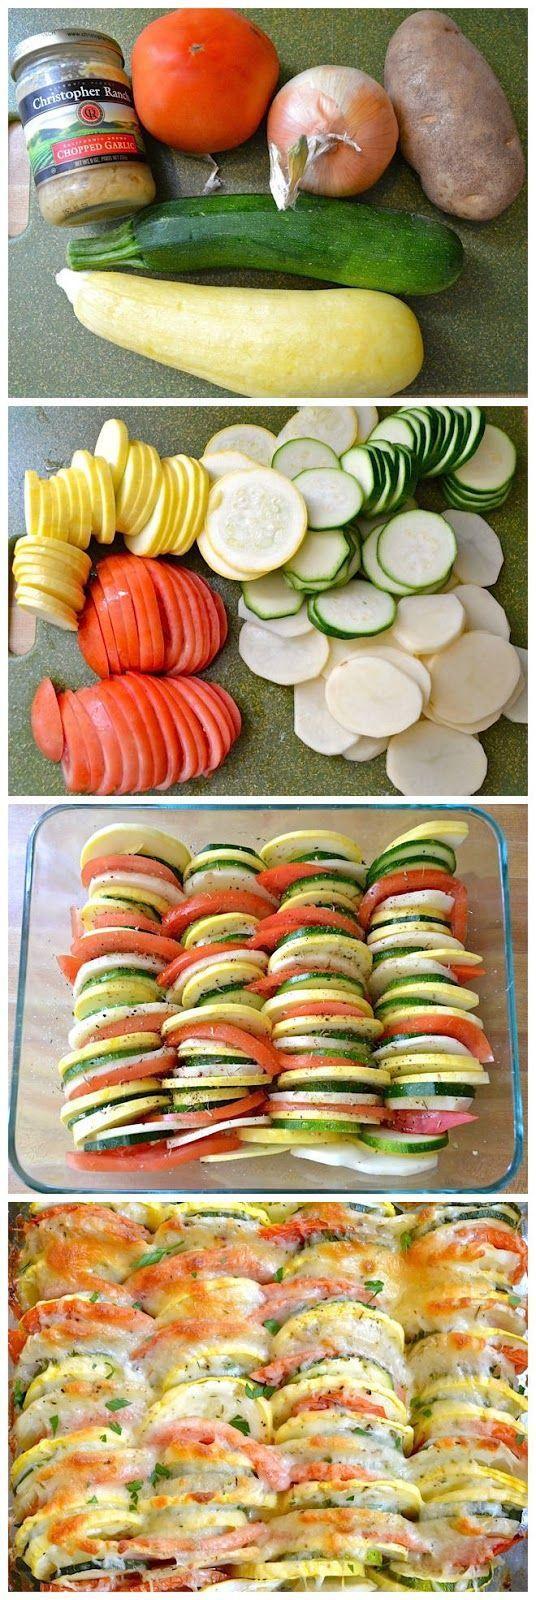 Easy Veggie Dish